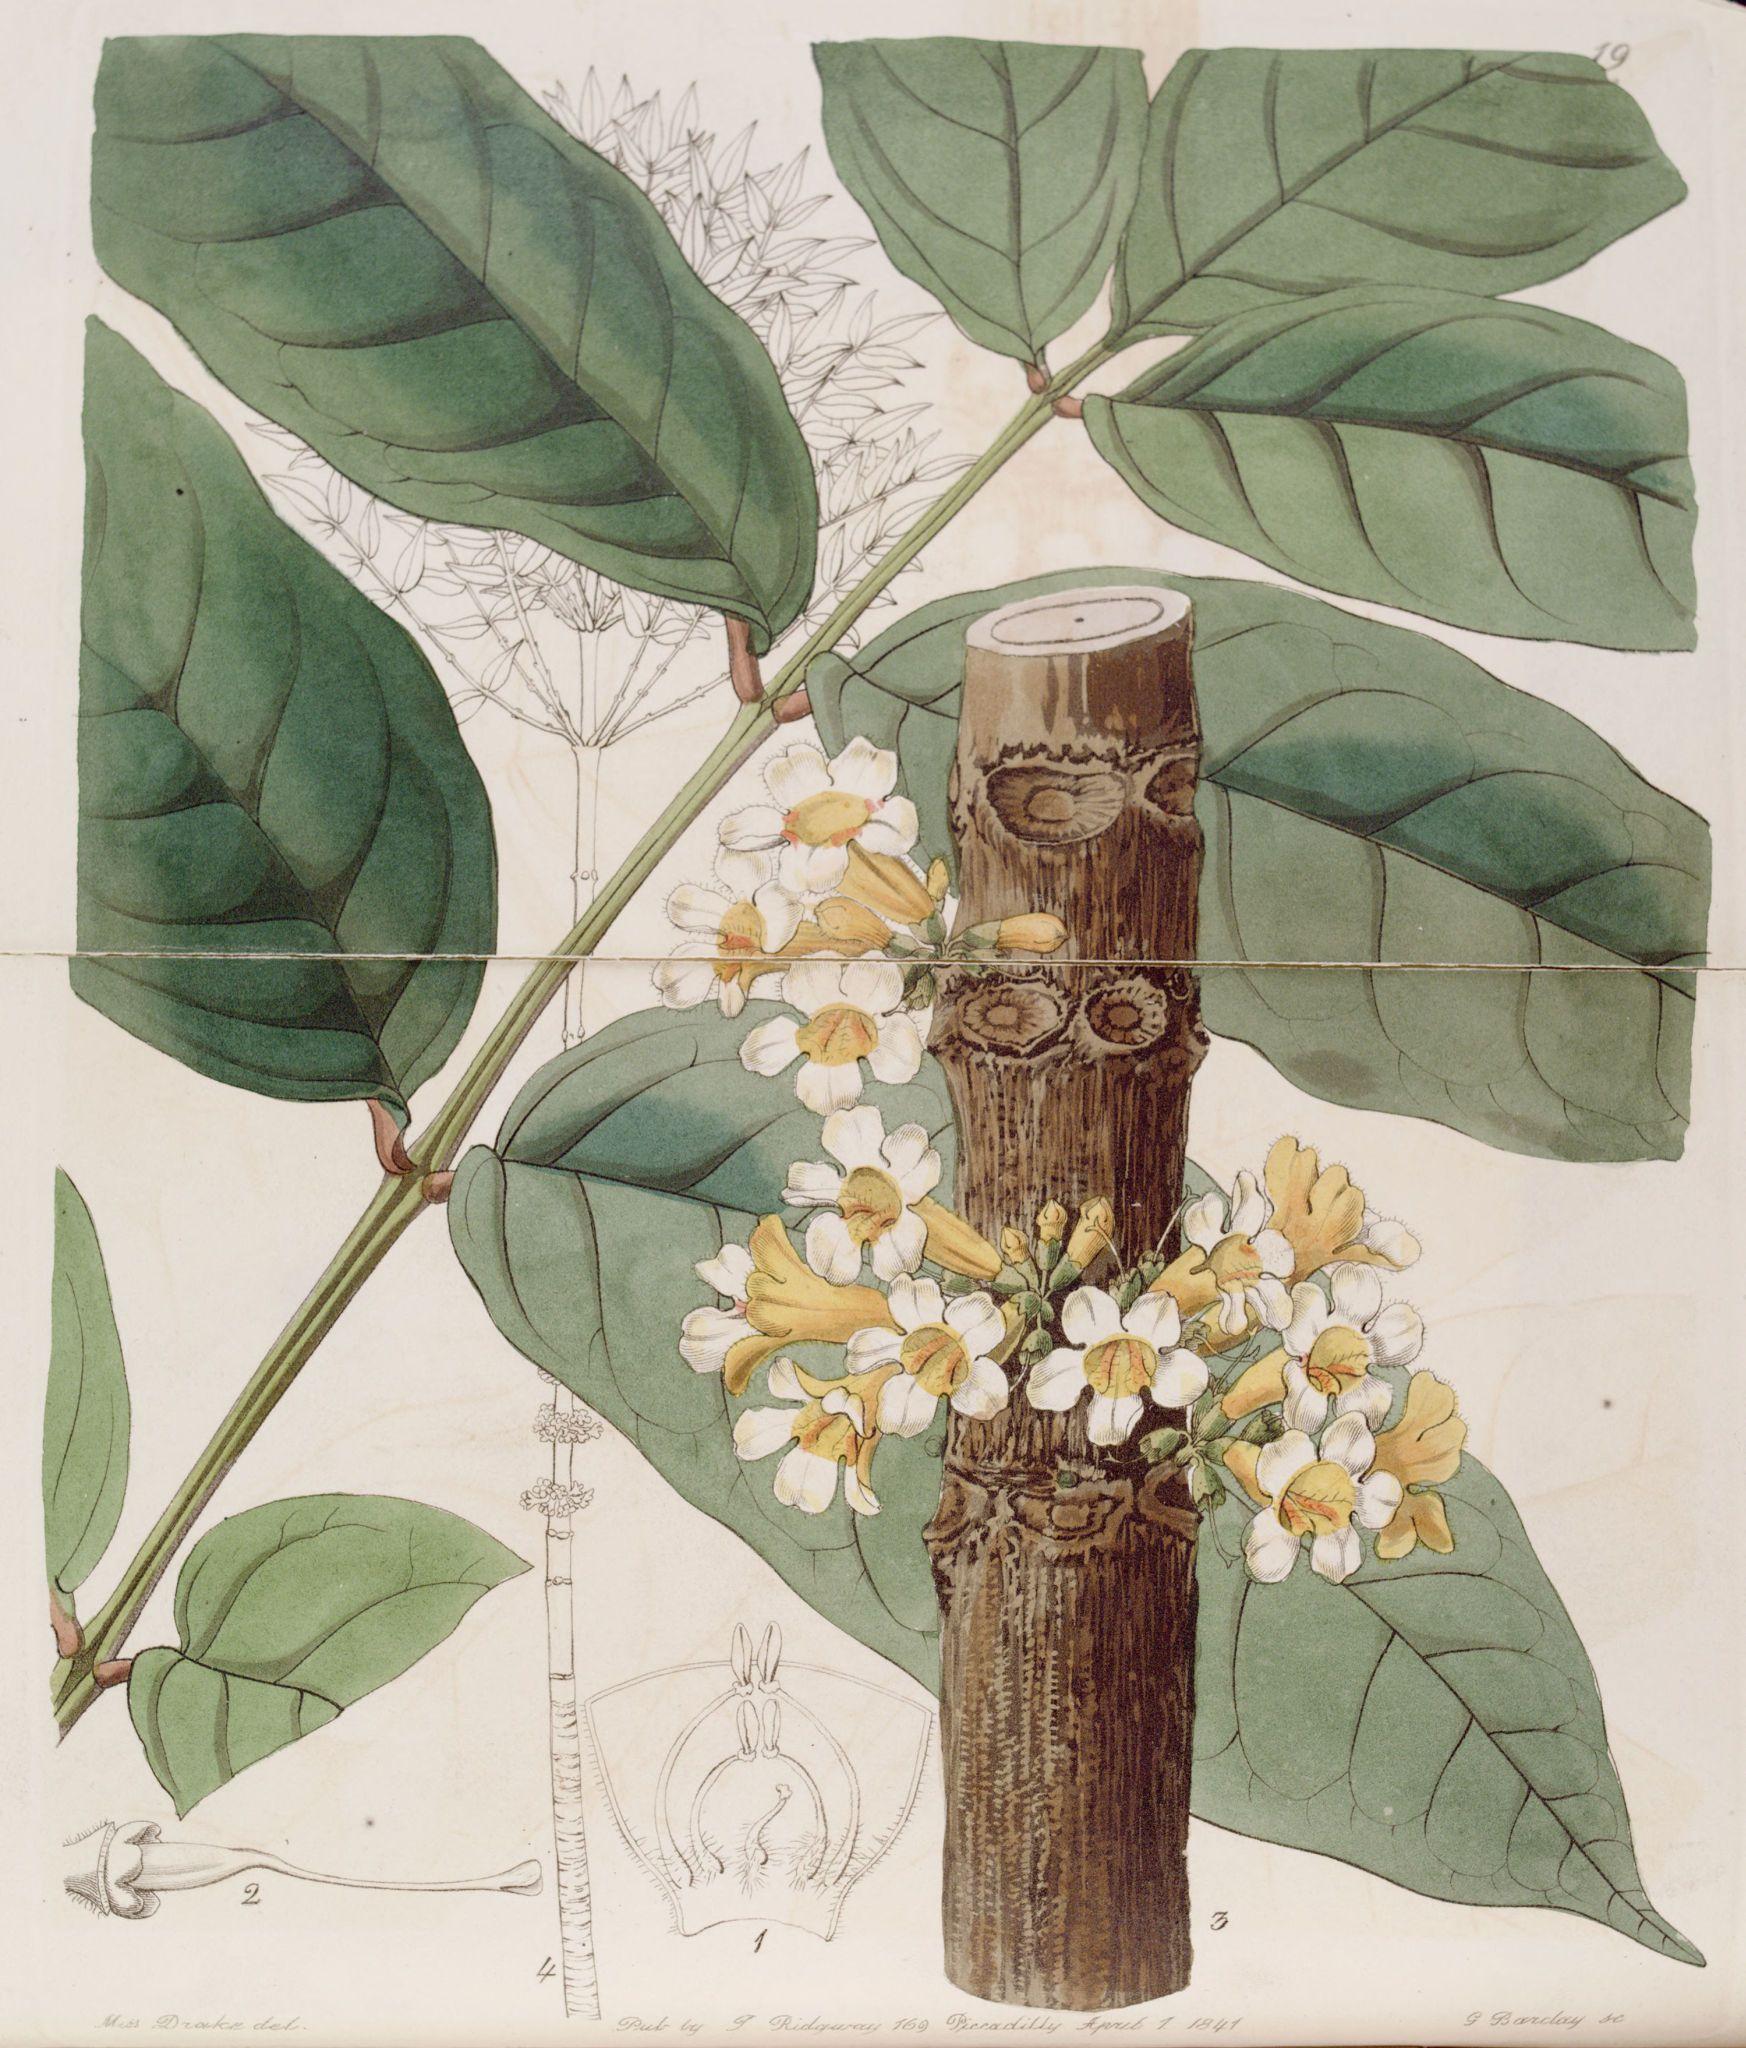 Belles fleurs - Belles fleurs 055 Colea floribunda - The yellow Rei rei - Gravures, illustrations, dessins, images